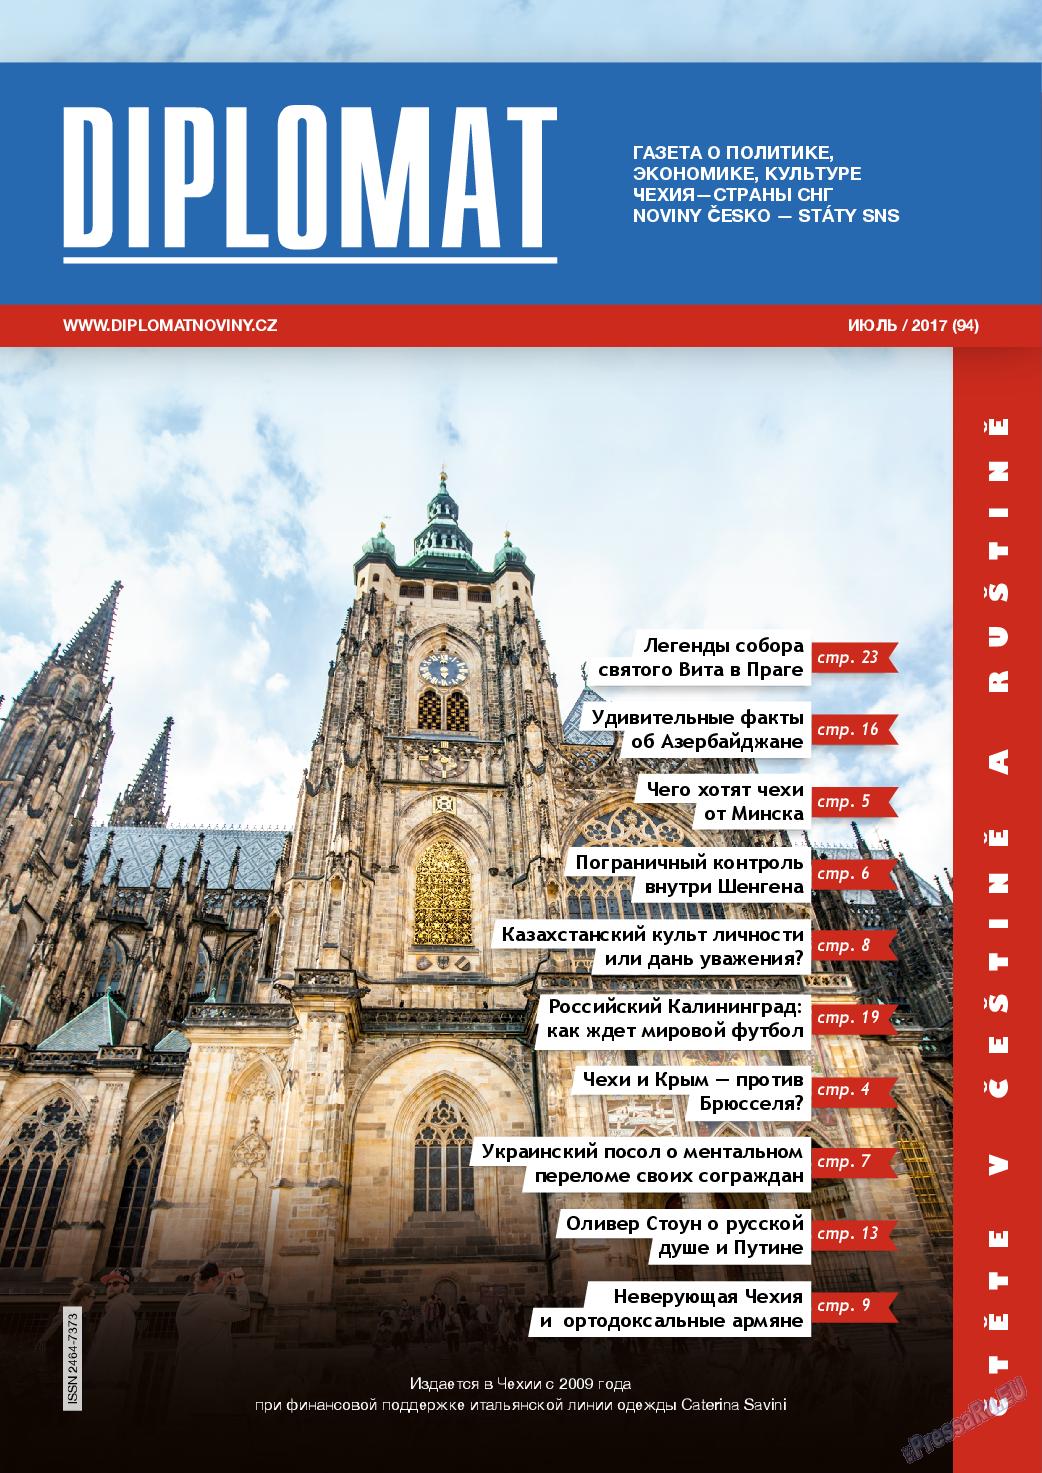 Diplomat (газета). 2017 год, номер 94, стр. 1